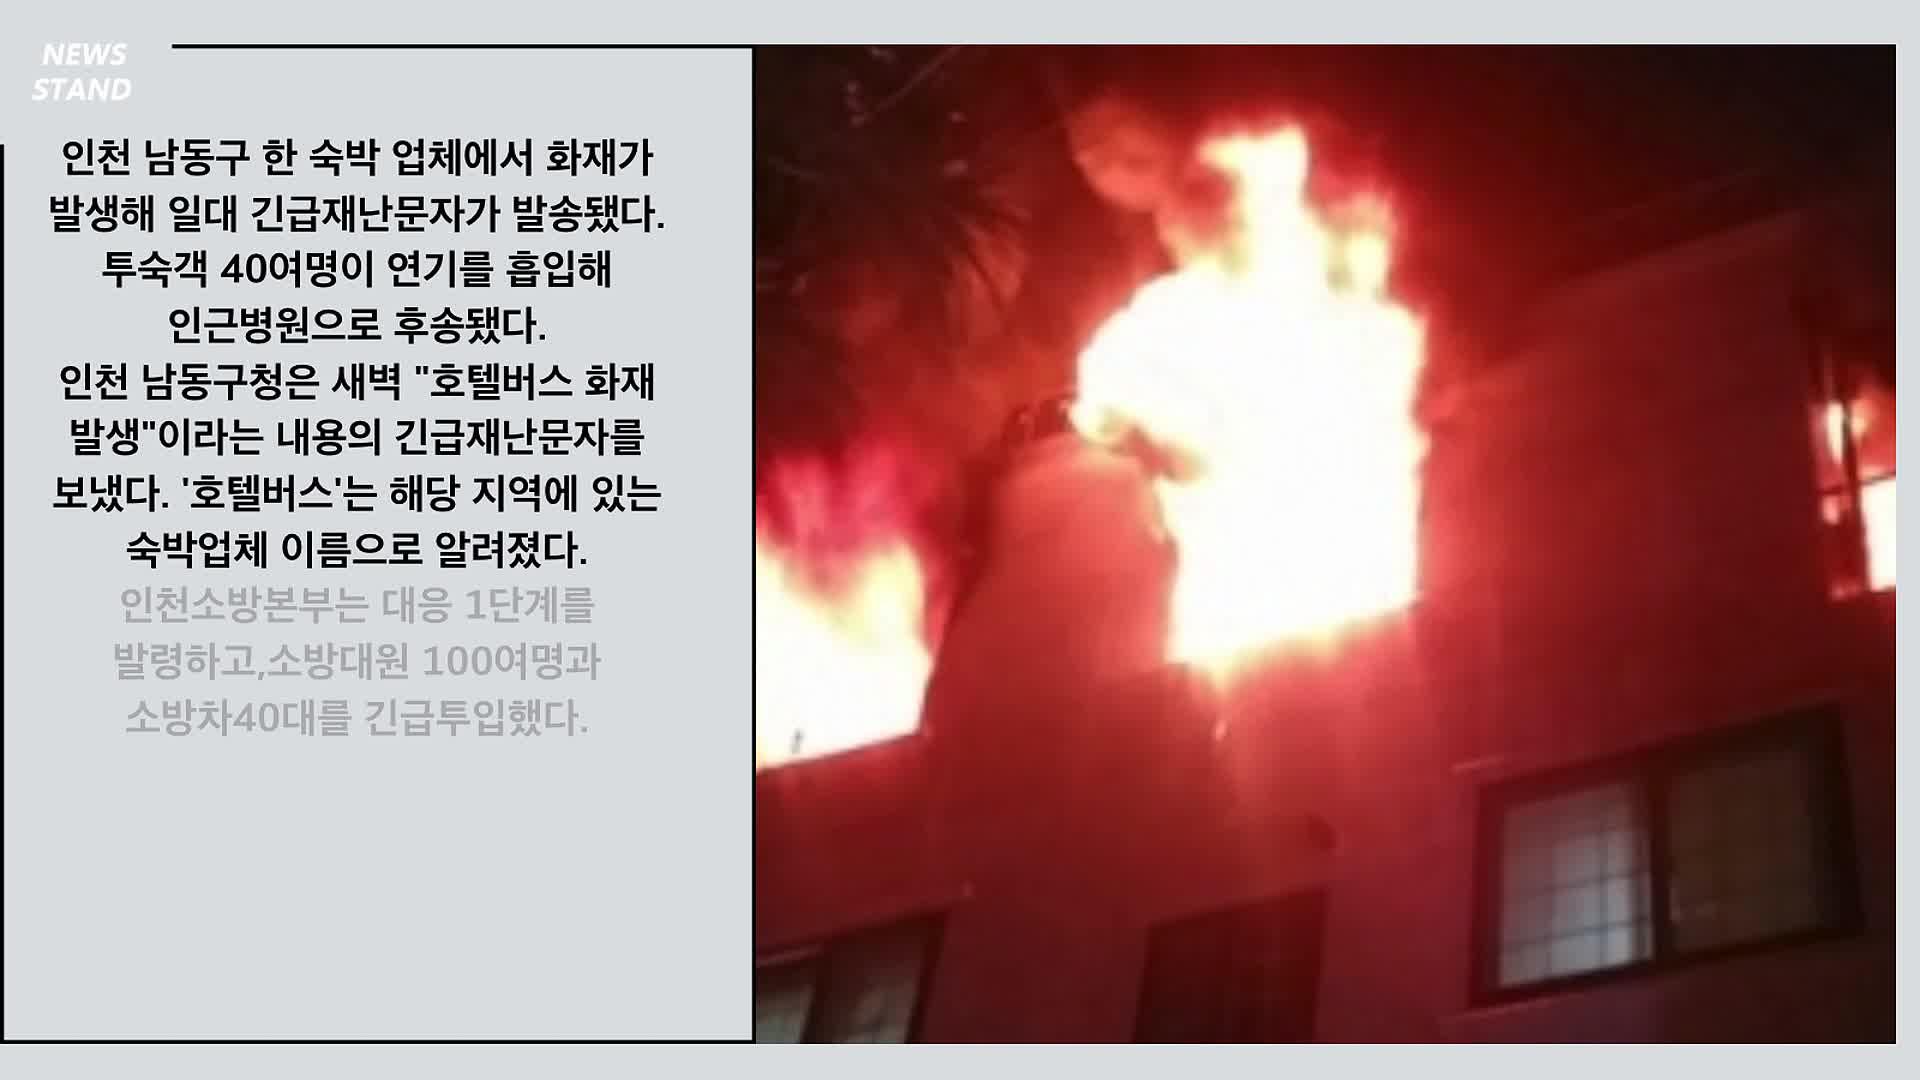 오늘뉴스 인천 간석동 호텔버스 화재, 새벽 재난문자,이승우 데뷔전 불발...조선일보전광